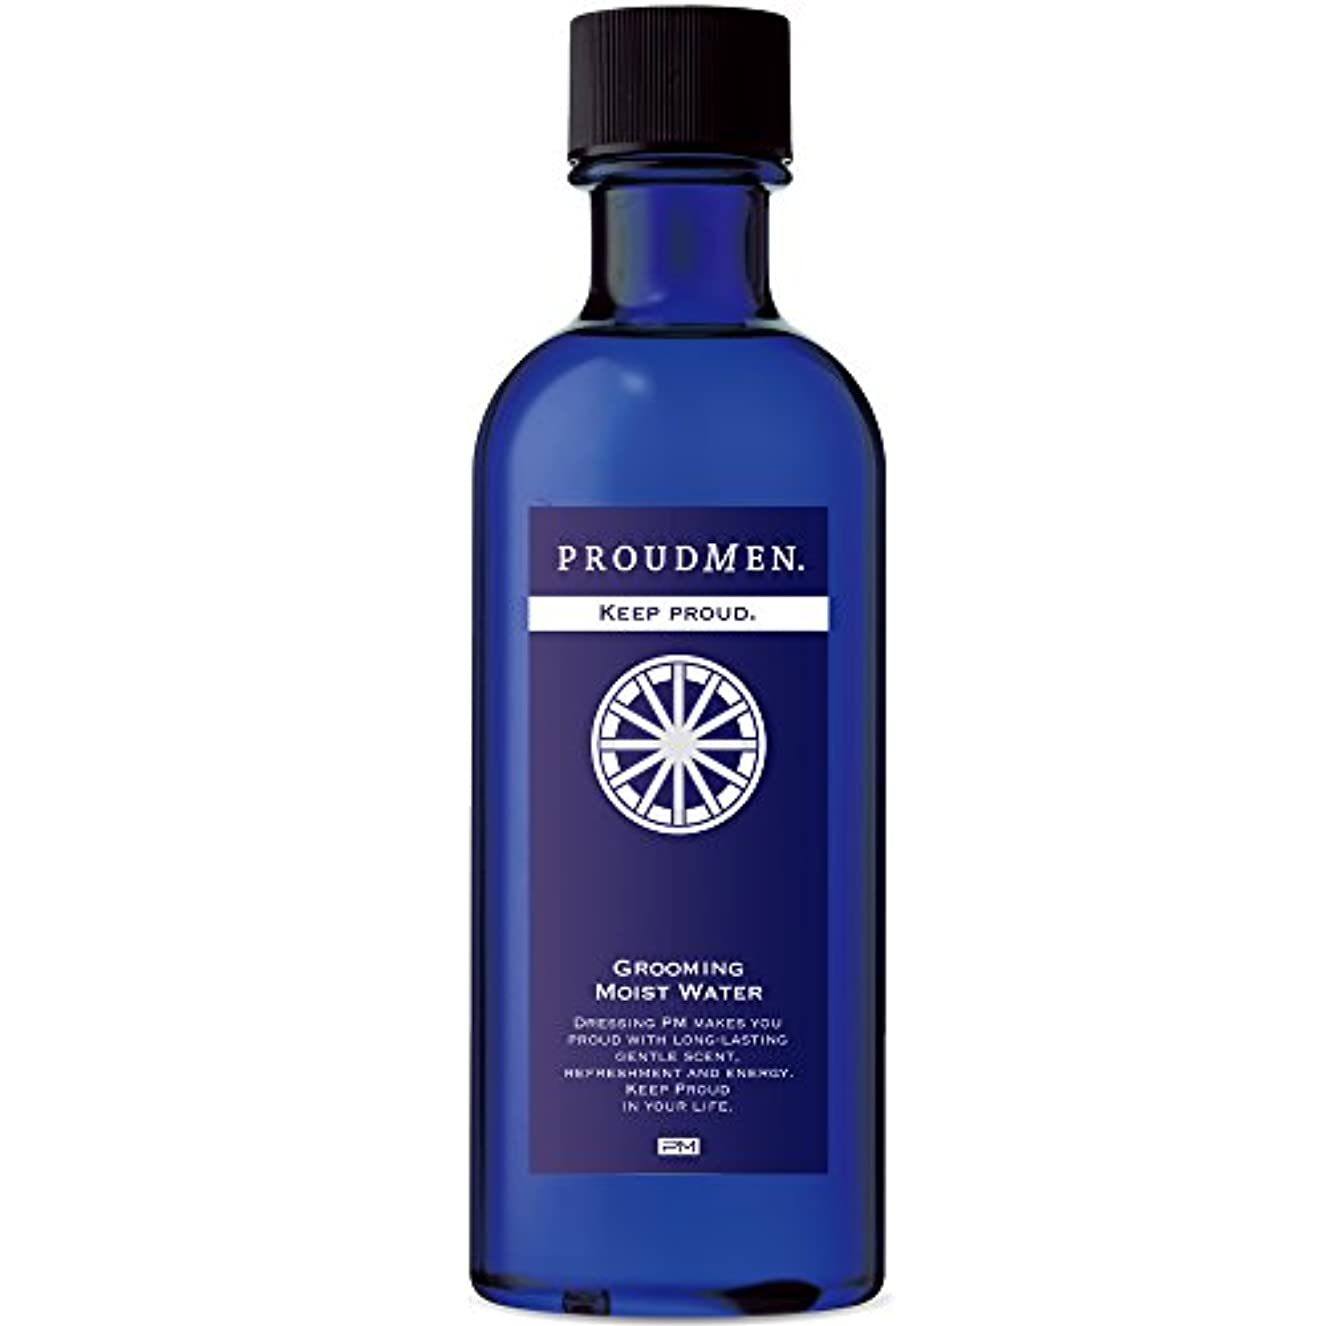 議会尋ねるキリマンジャロプラウドメン グルーミングモイストウォーター 200ml (グルーミング?シトラスの香り) 化粧水 メンズ 顔用 アフターシェーブ